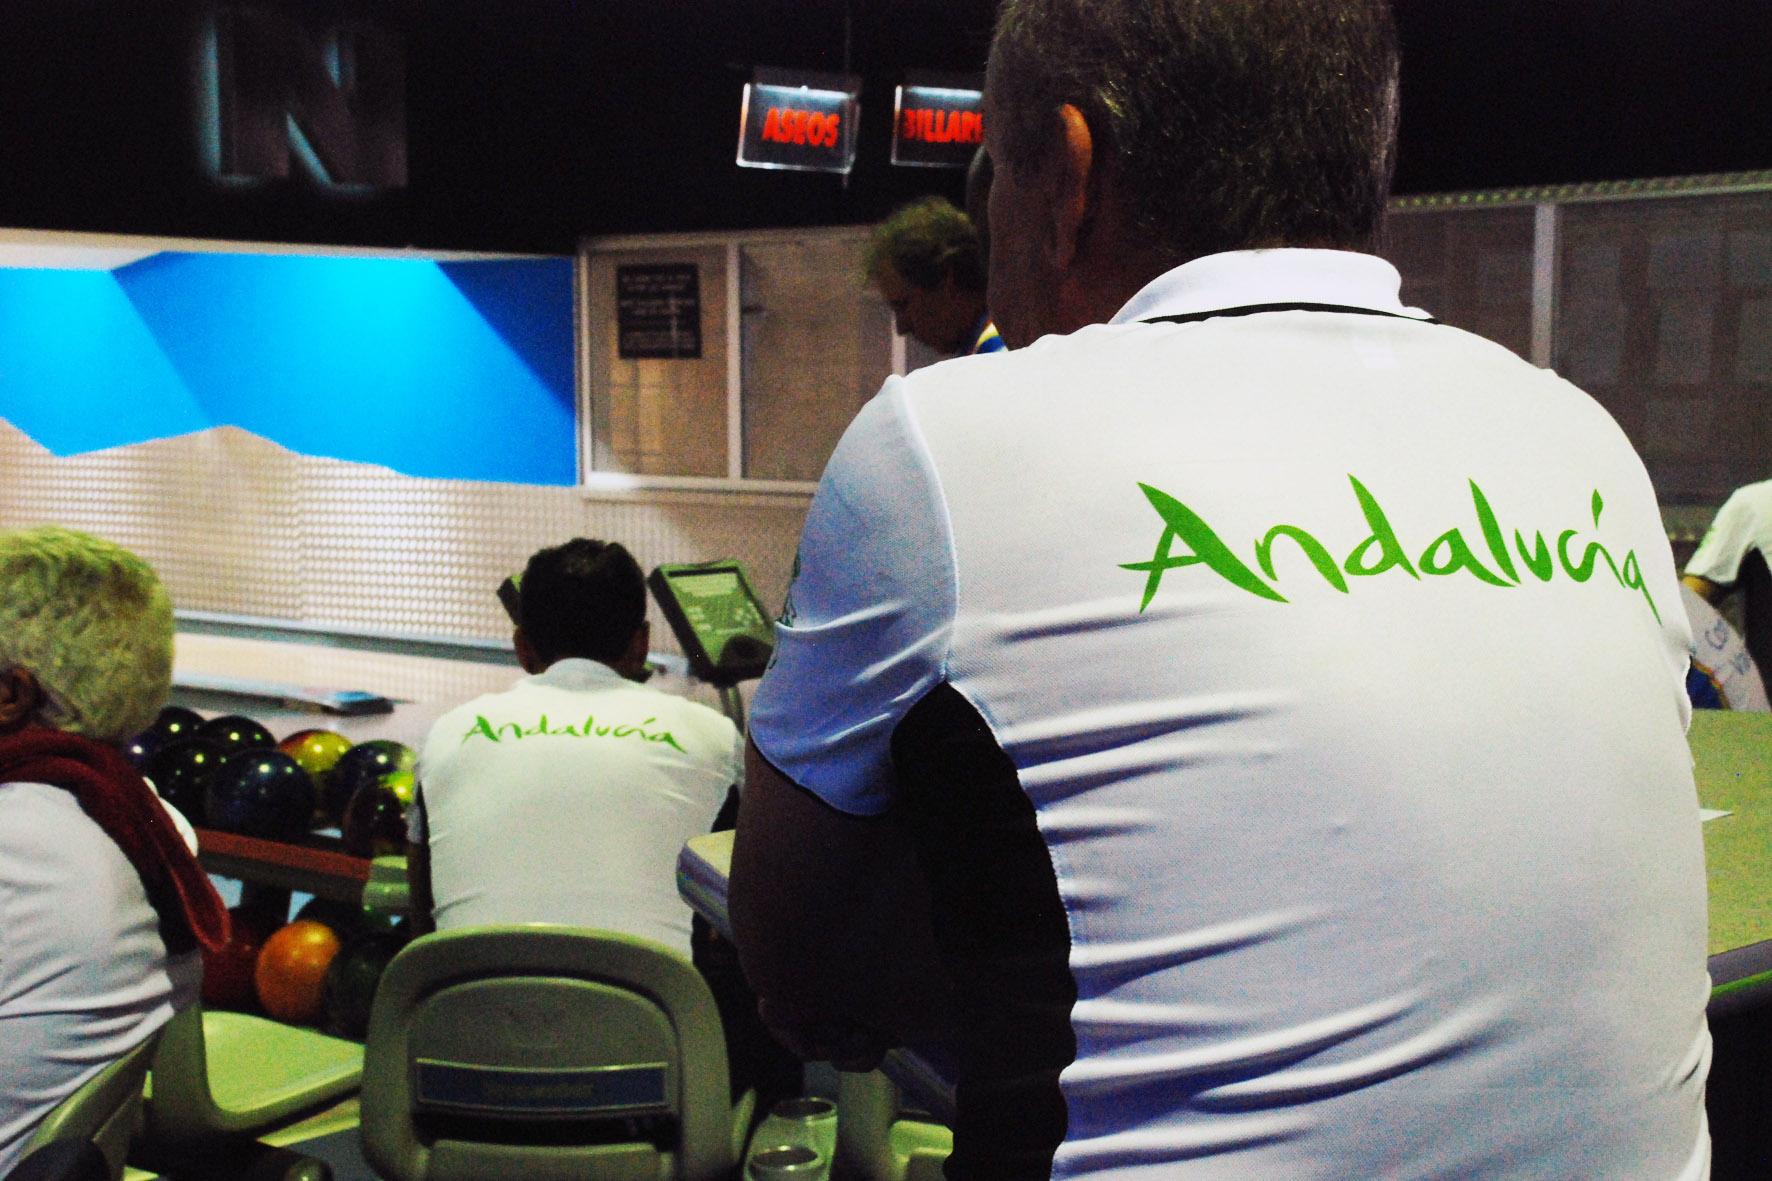 Andalucía es la primera parada de un año electoral cargado de promesas, también en materia deportiva | Fuente: andaluzadebolos.org